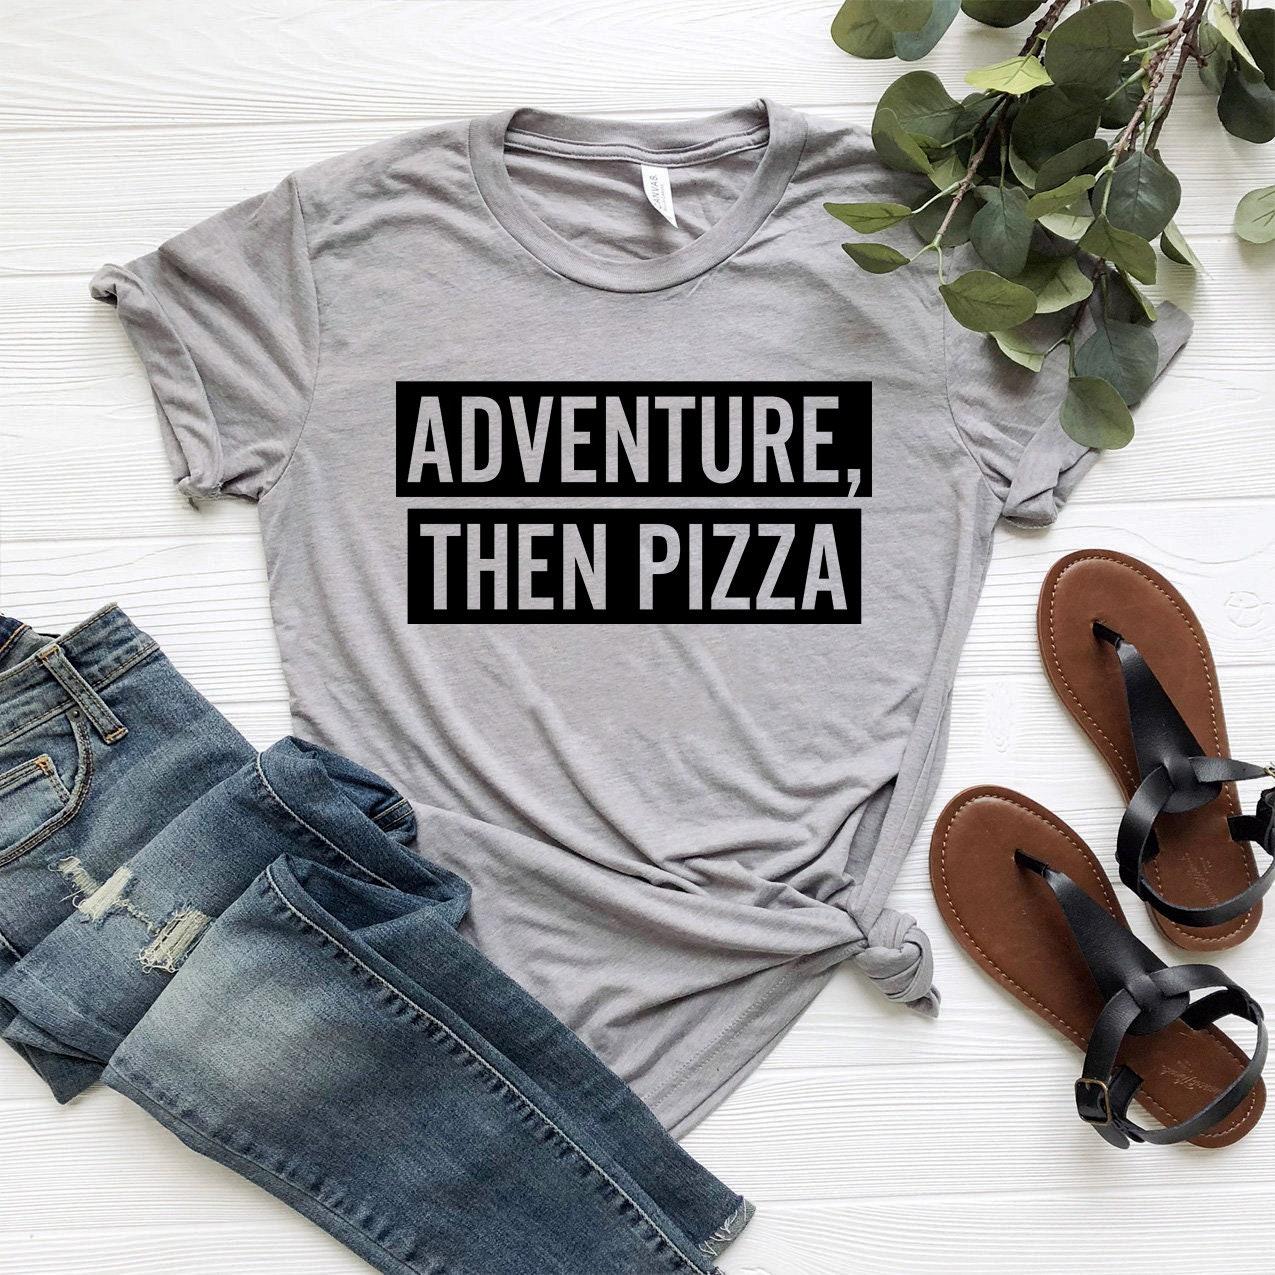 Aventure, puis Pizza - femme tshirt, tee-shirt t-shirt unisexe, tee-shirt tshirt, unisexe, femme t-shirt, sarcasme drôle t-shirt, cadeaux pour les femmes dfff2f